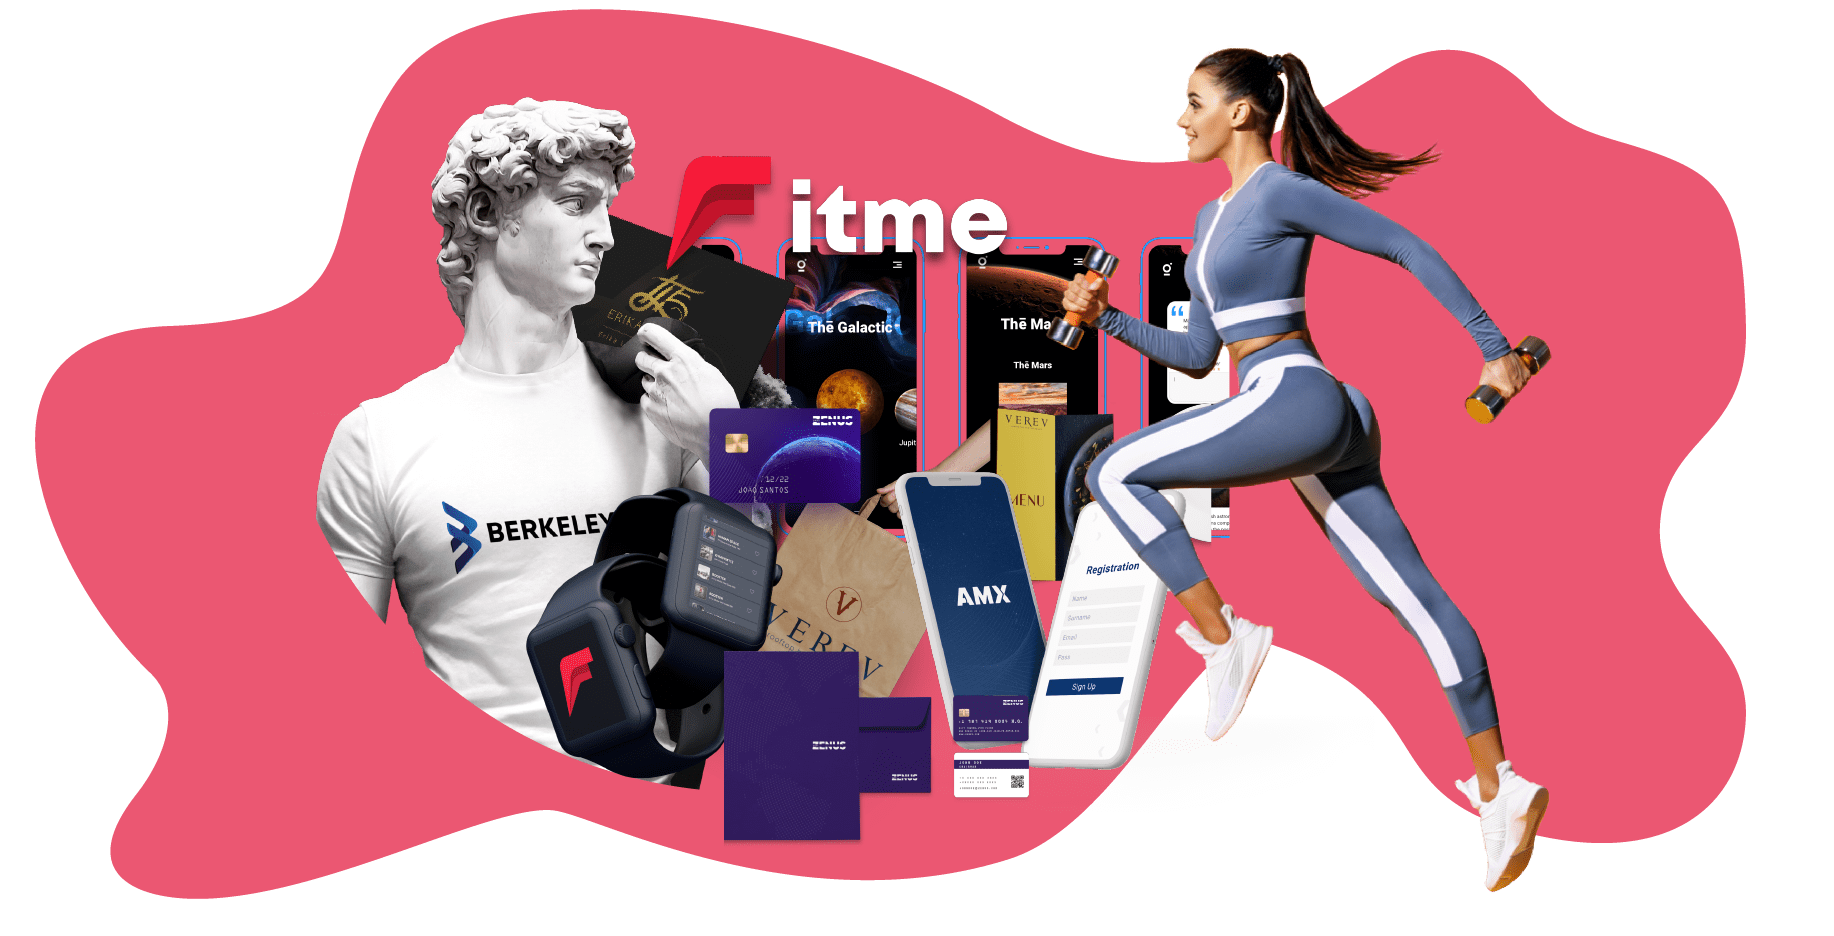 branding agency in armenia portfolio